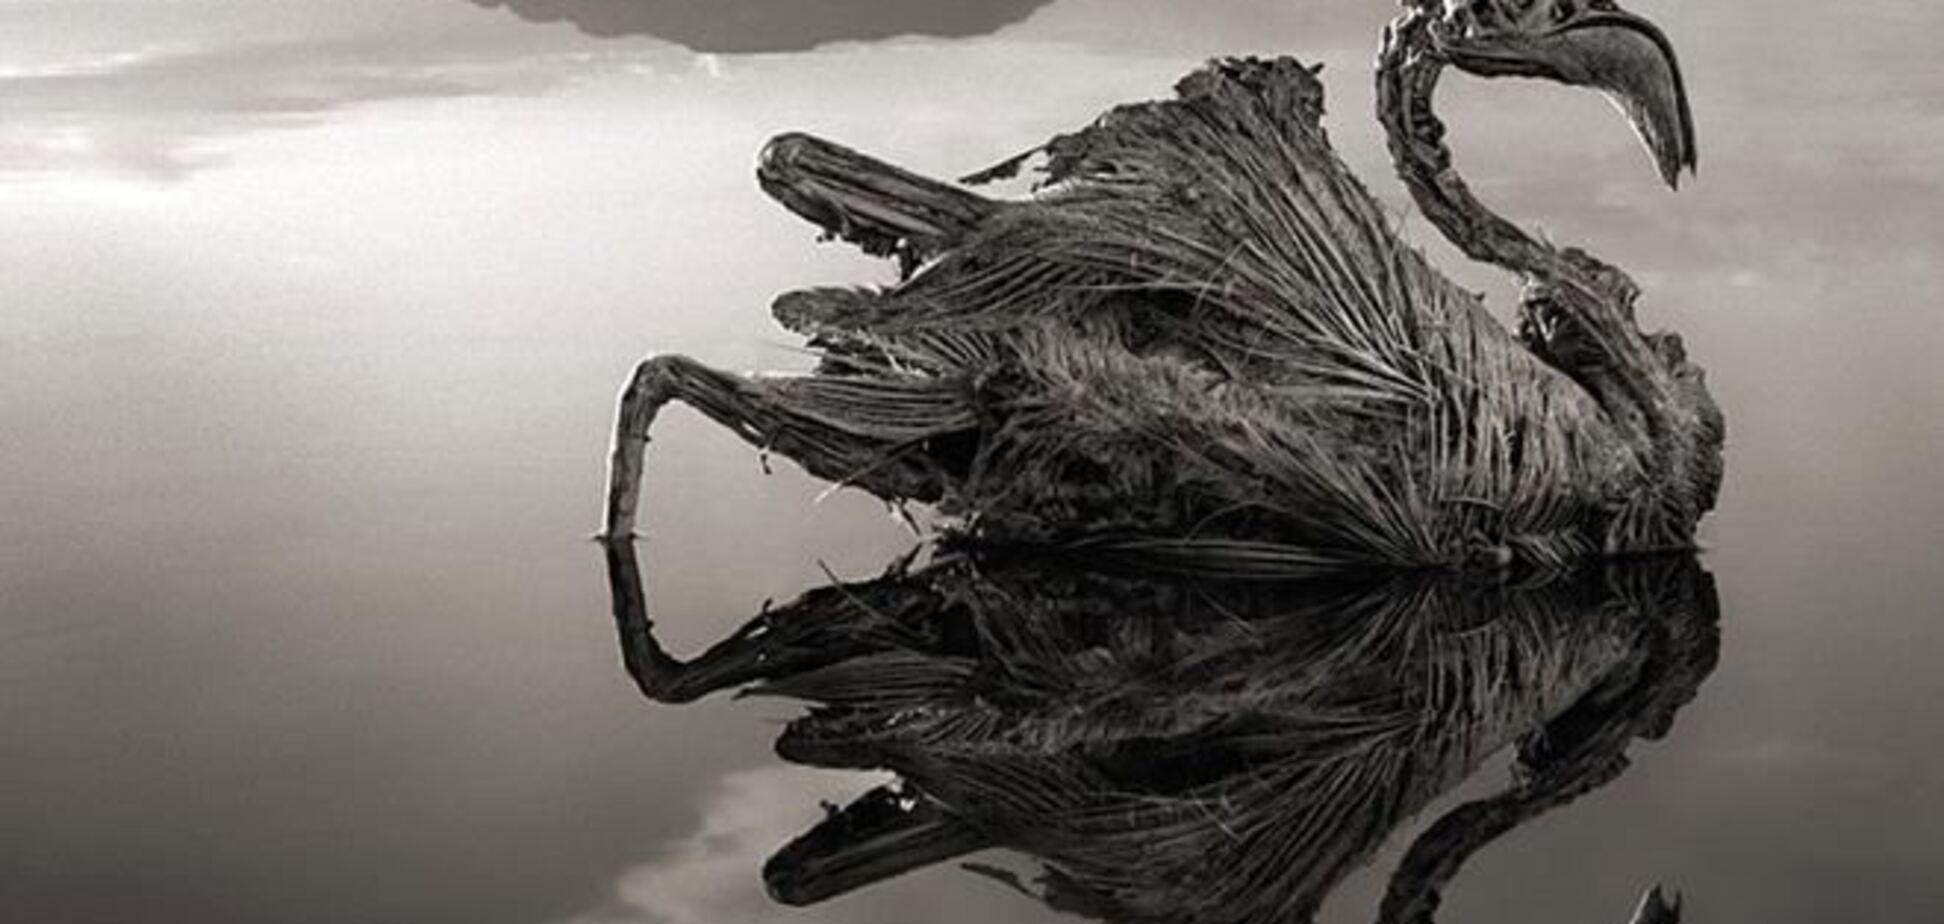 Найдено озеро, превращающее животных в камень